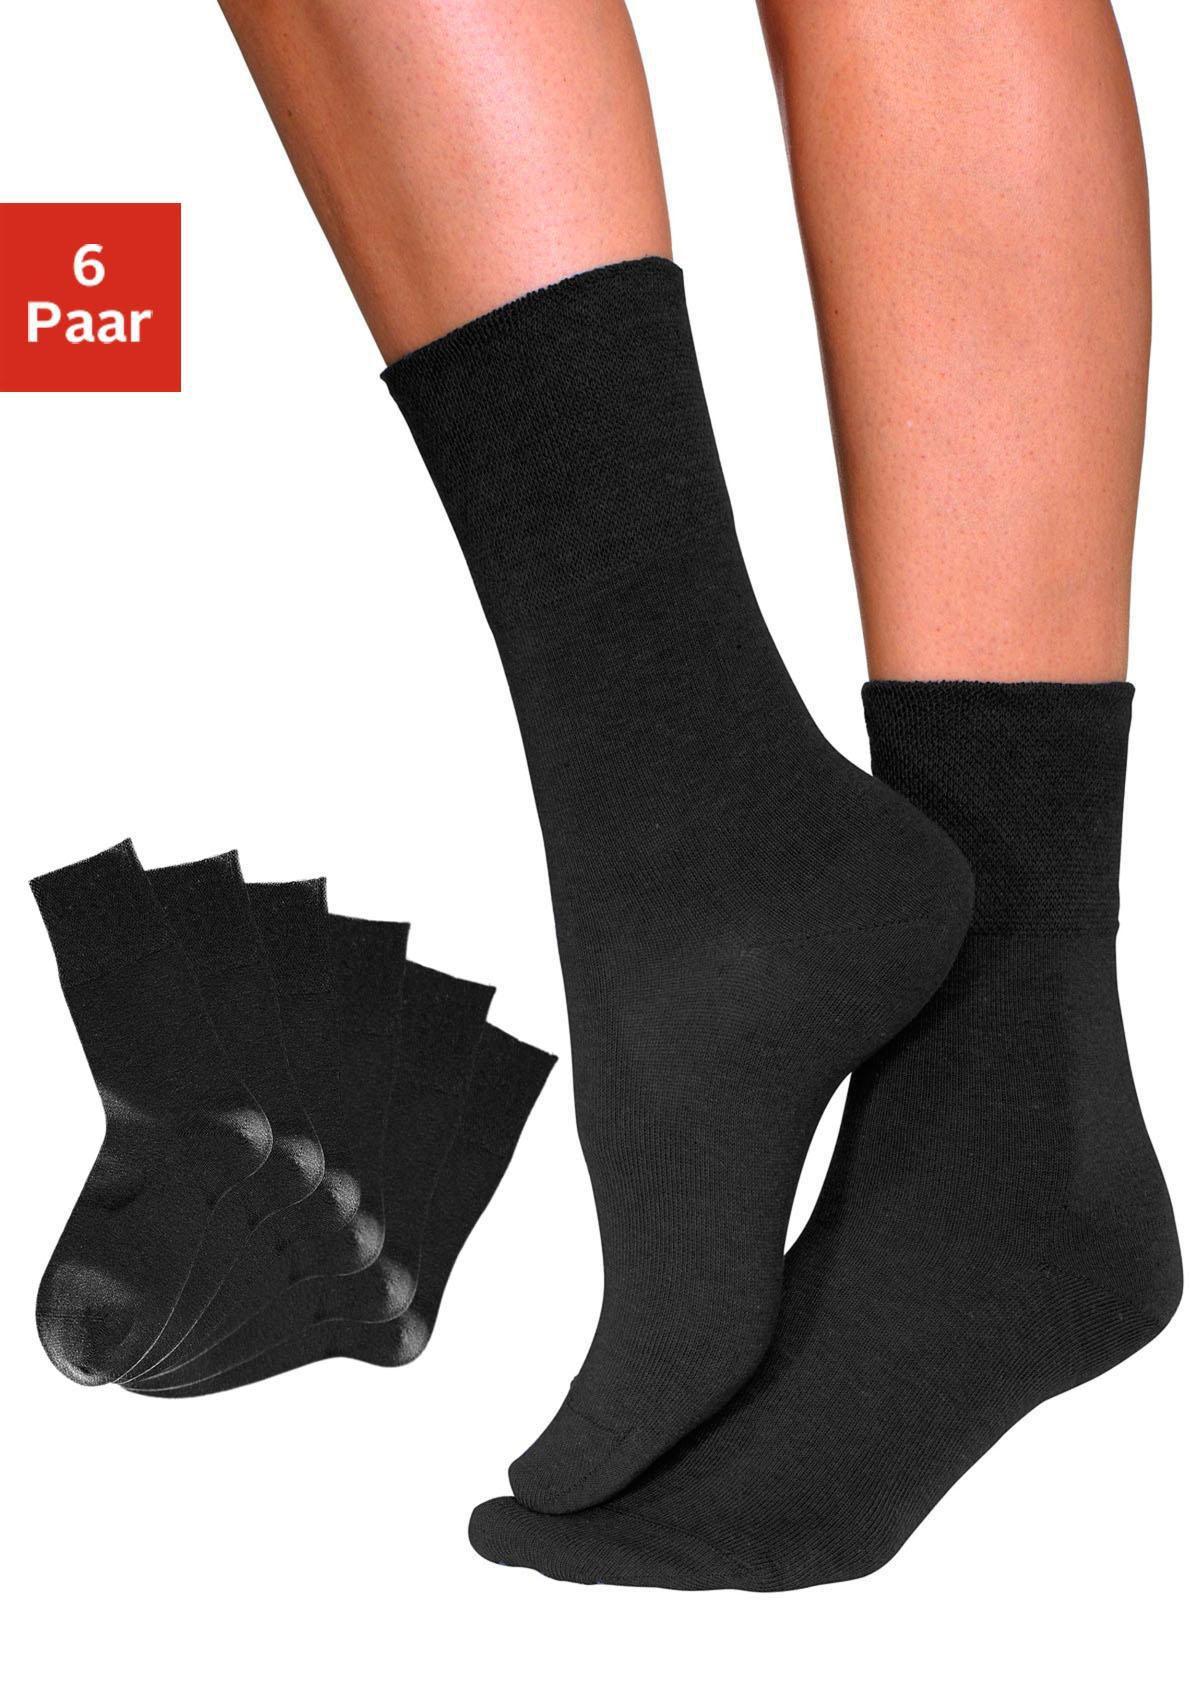 GO IN  Diabetiker-Socken (6 Paar) mit Komfortbund